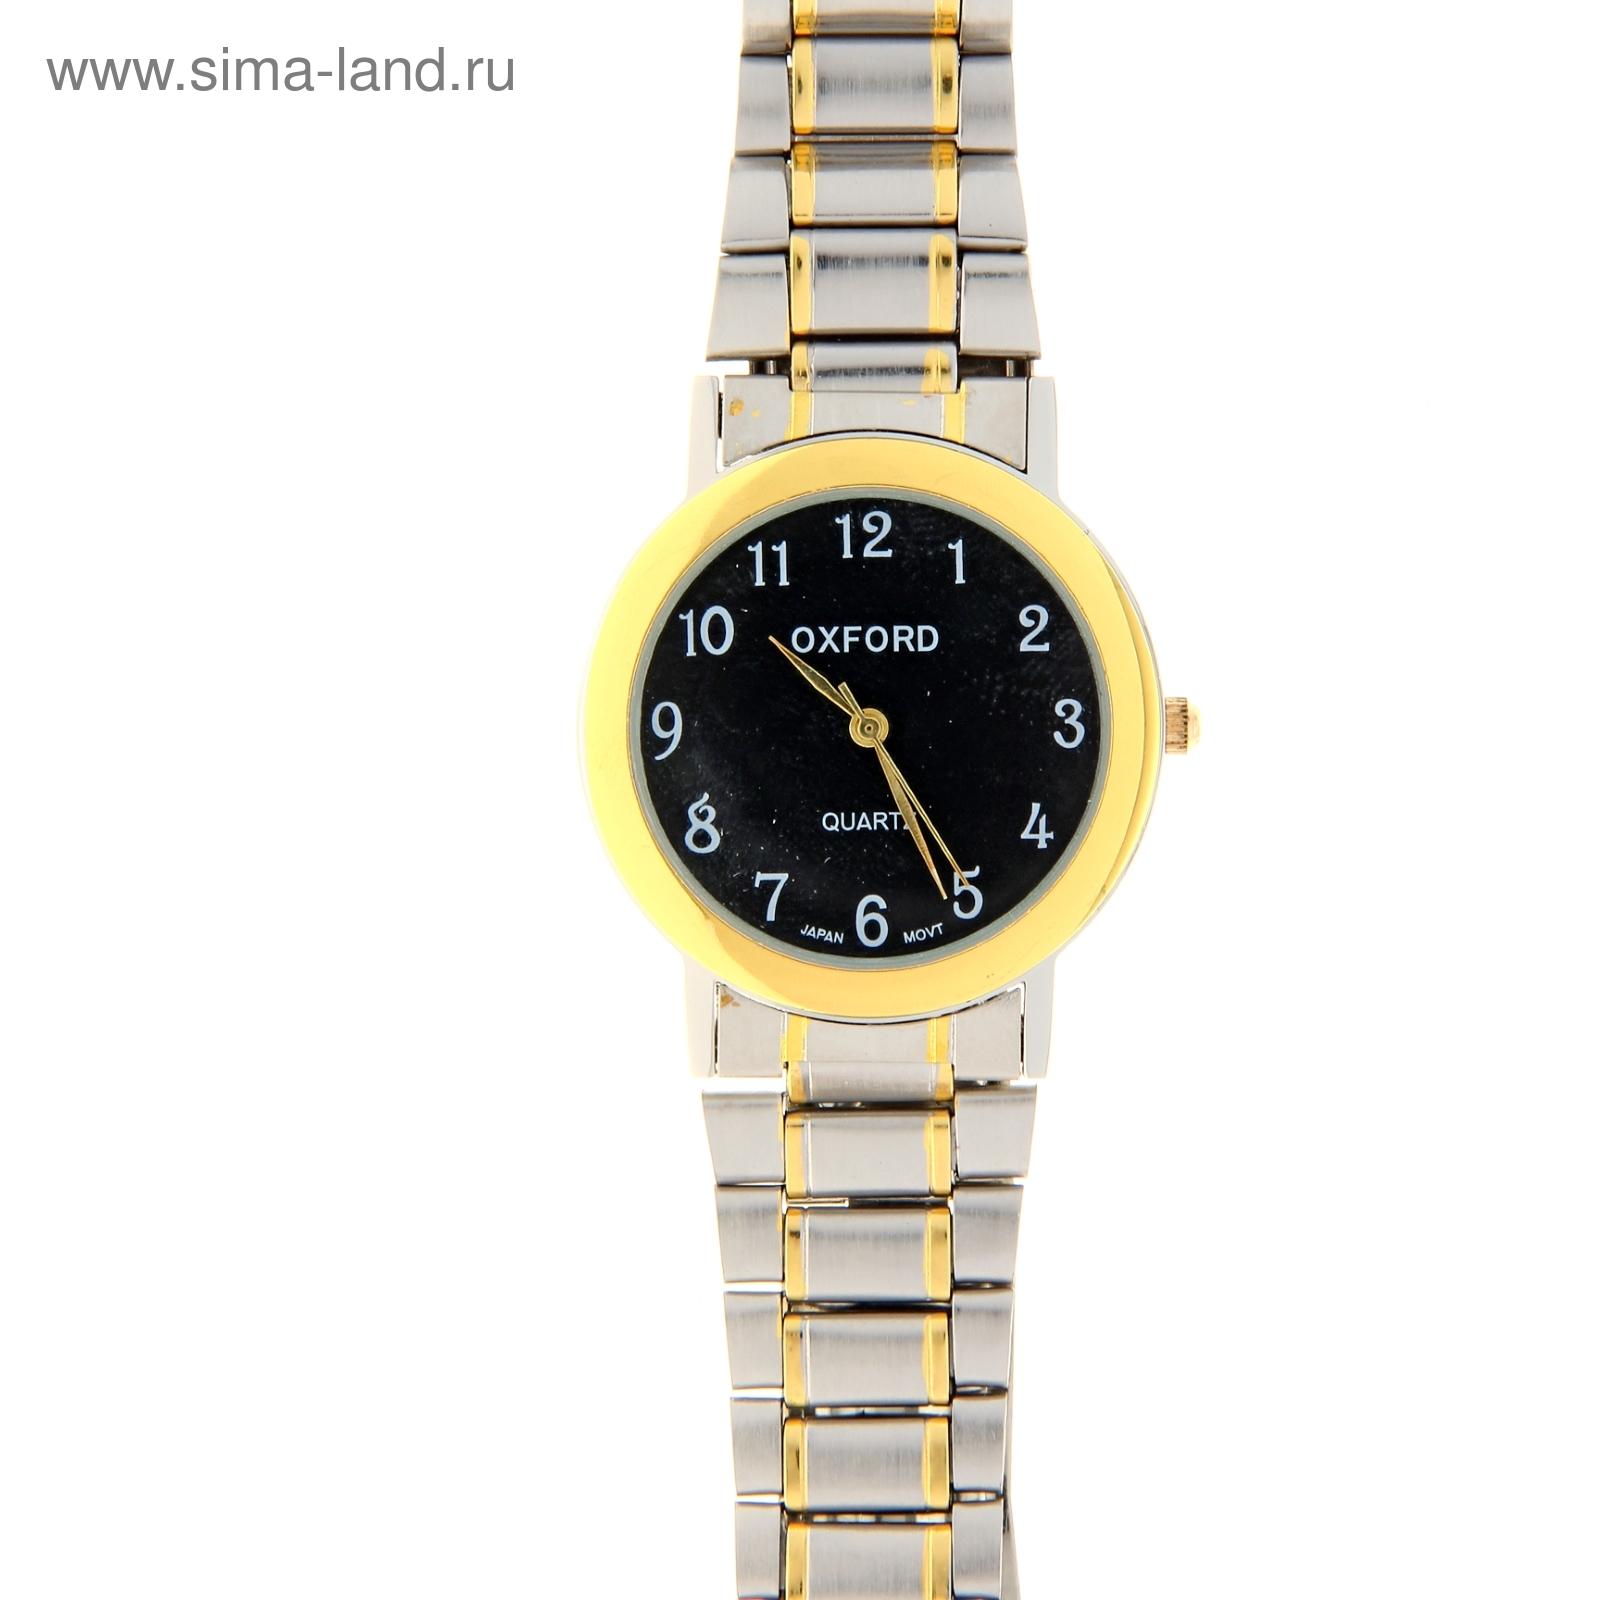 Комбинированные наручные часы купить в купить часы 7 км одесса